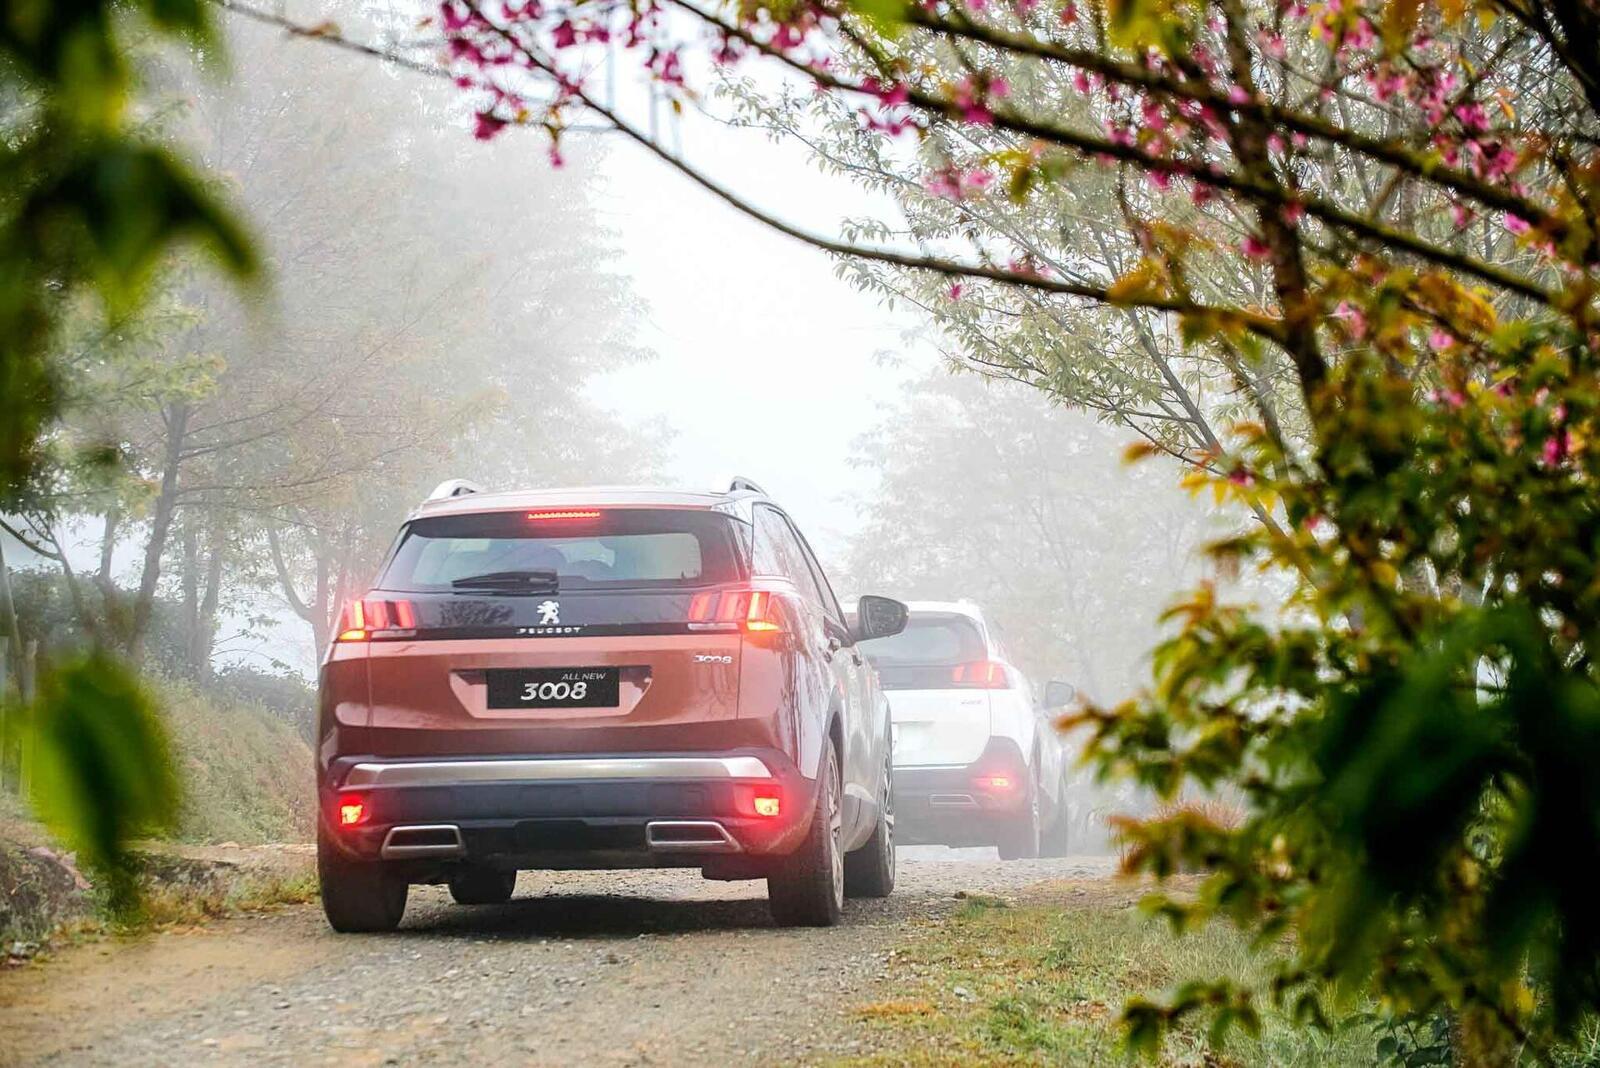 Doanh số tăng trưởng vượt bậc, Peugeot tiếp tục đẩy mạnh ưu đãi dịch vụ hậu mãi - Hình 4